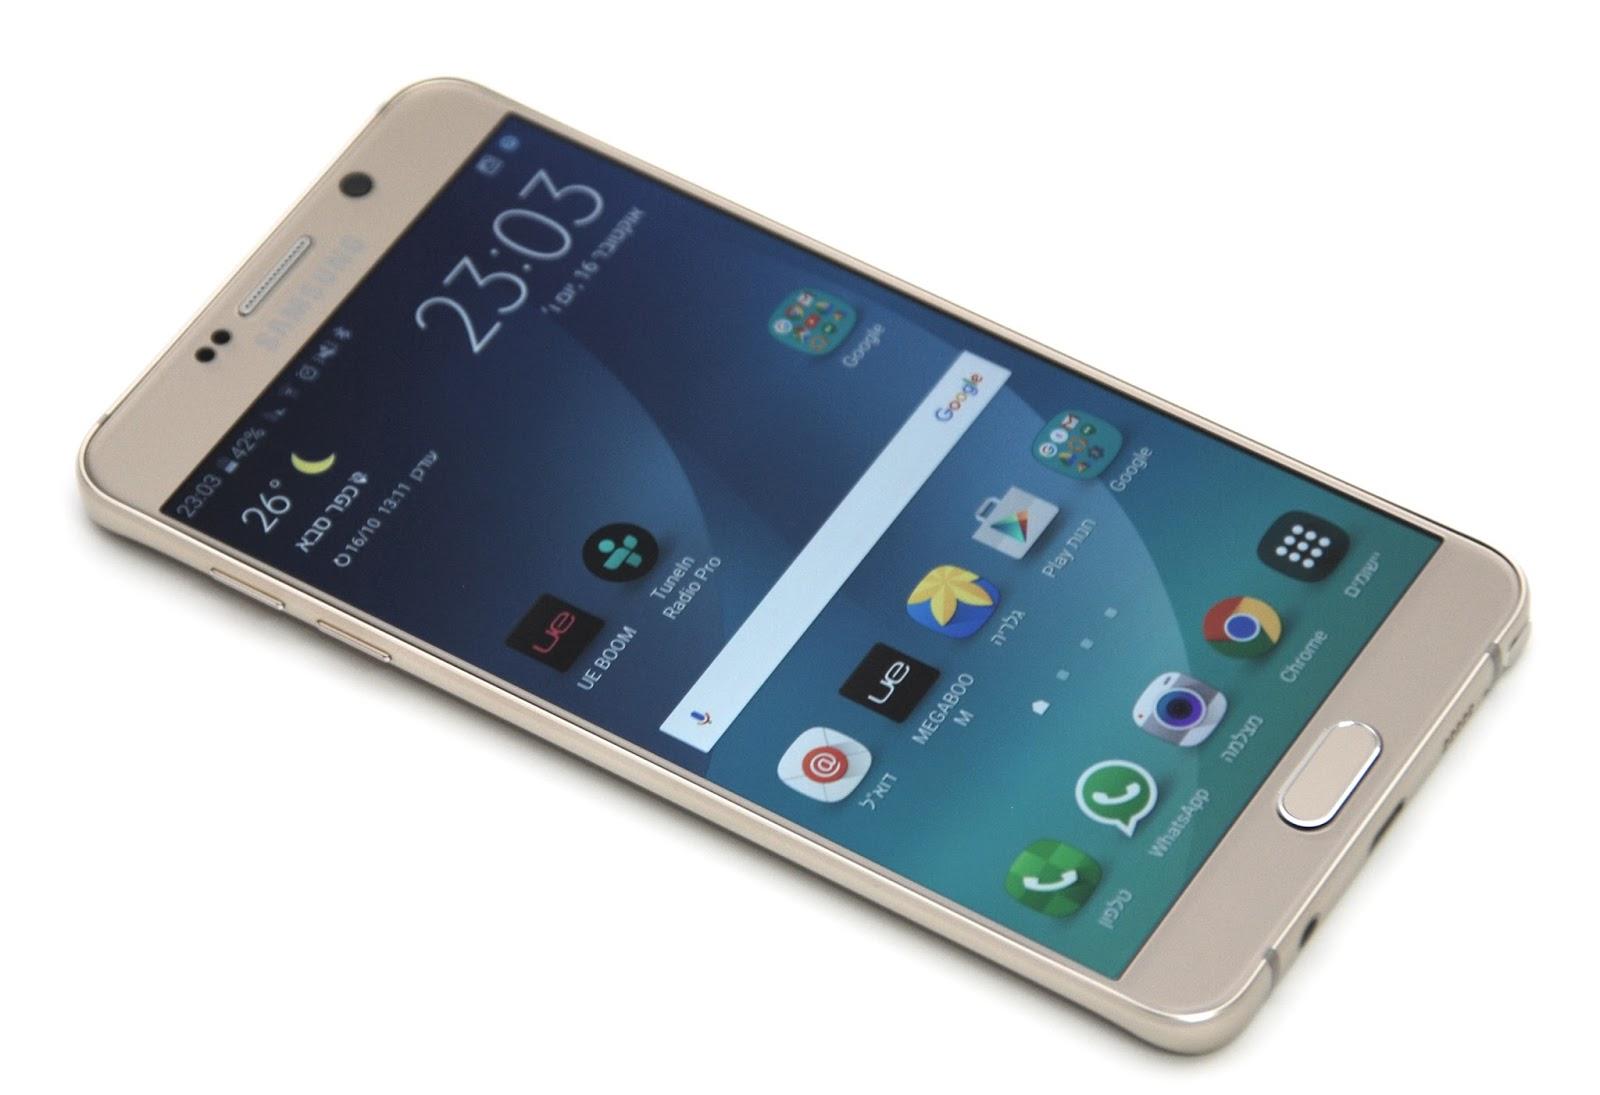 רק החוצה חפיצים: כזה ניסיתי: Samsung Galaxy Note 5 UK-07